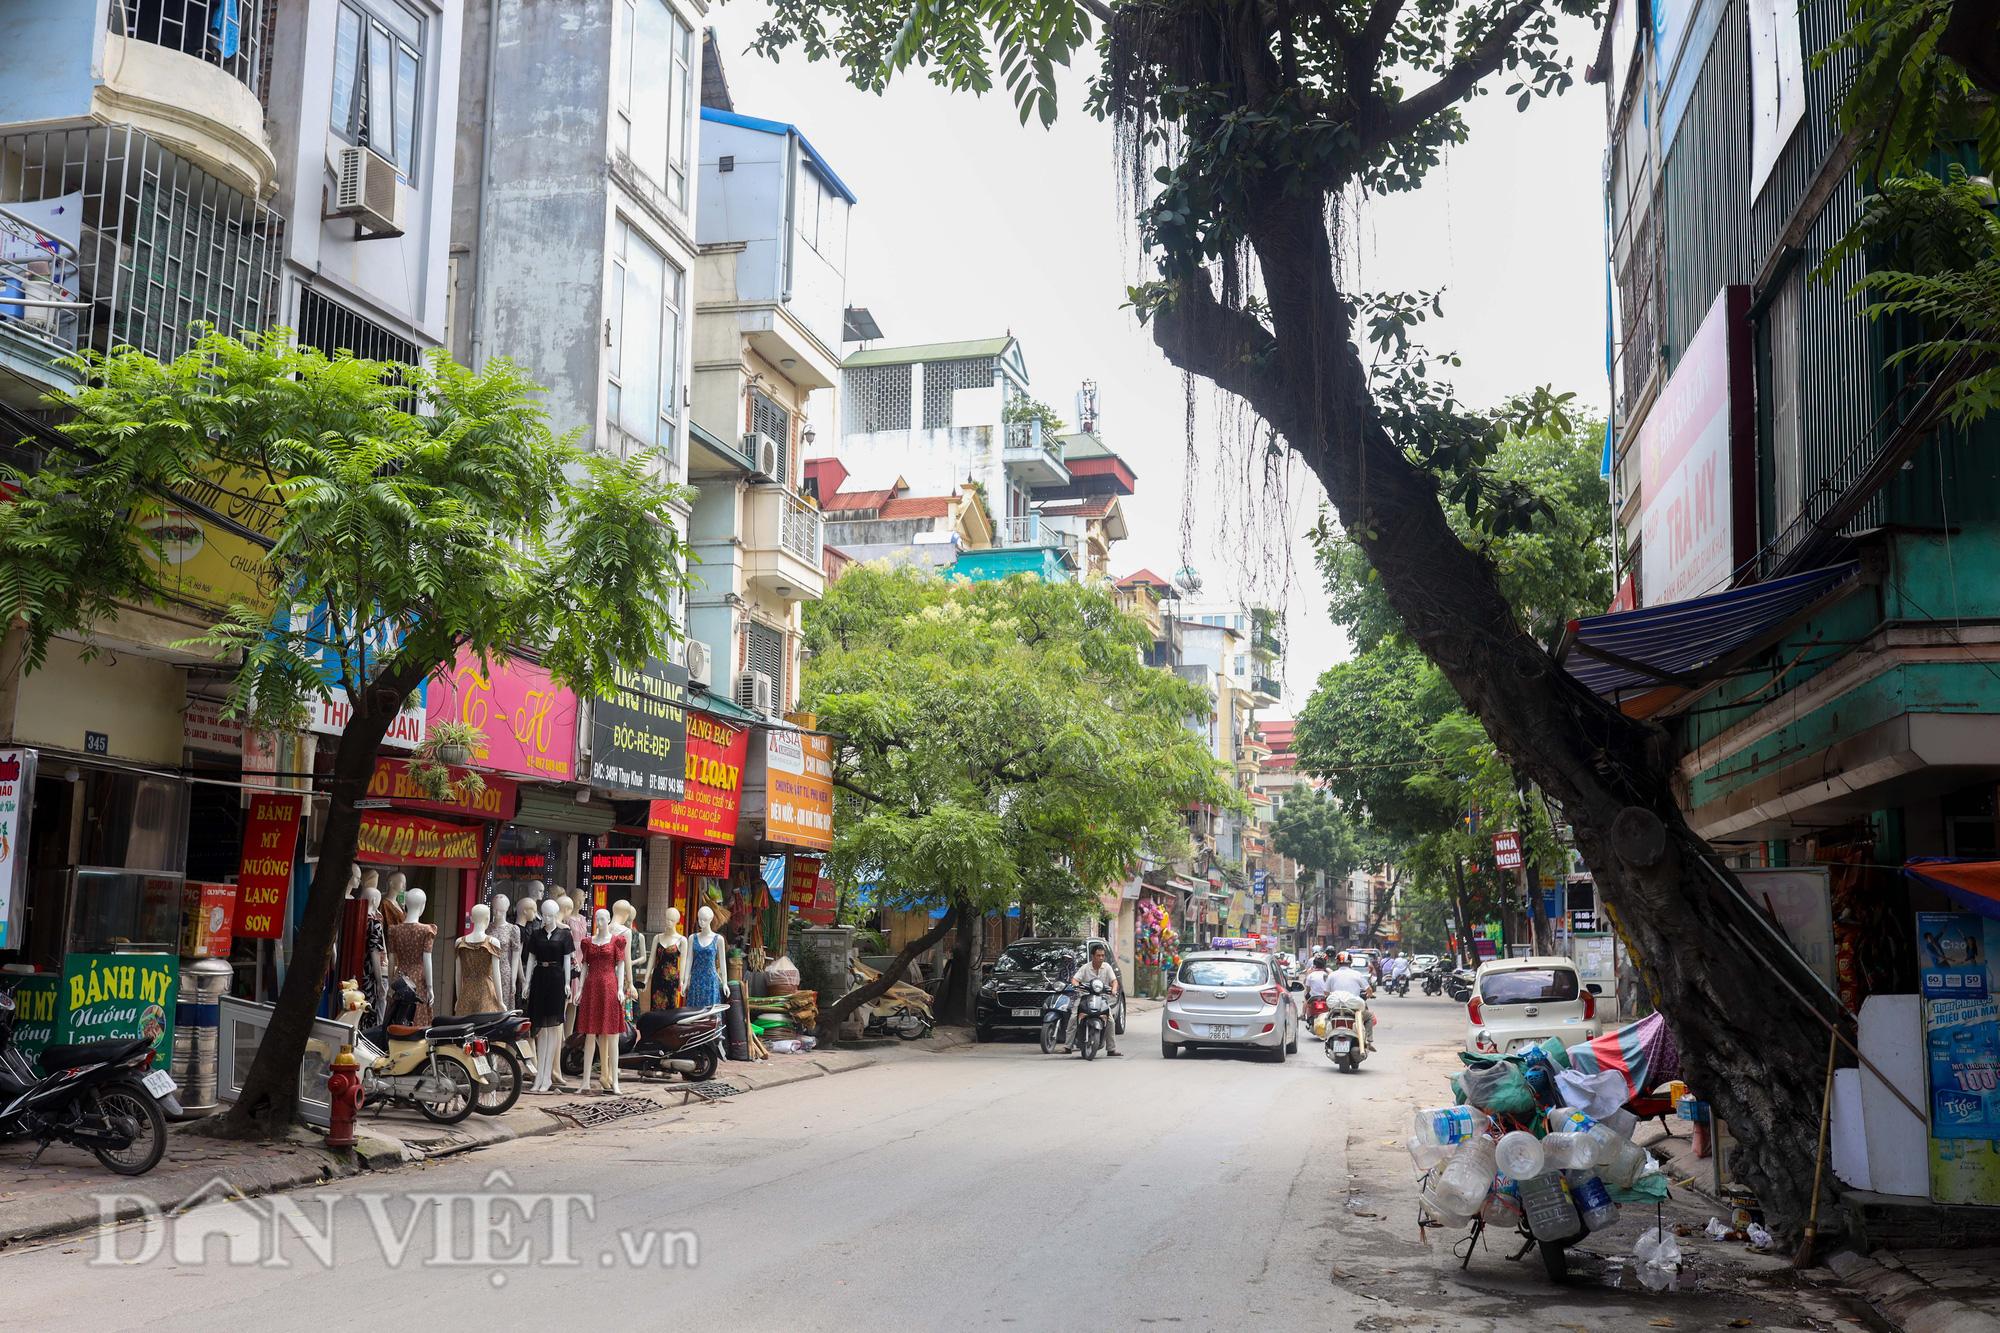 Ẩn hoạ đến từ những cây xanh chết khô trên đường phố Hà Nội - Ảnh 13.